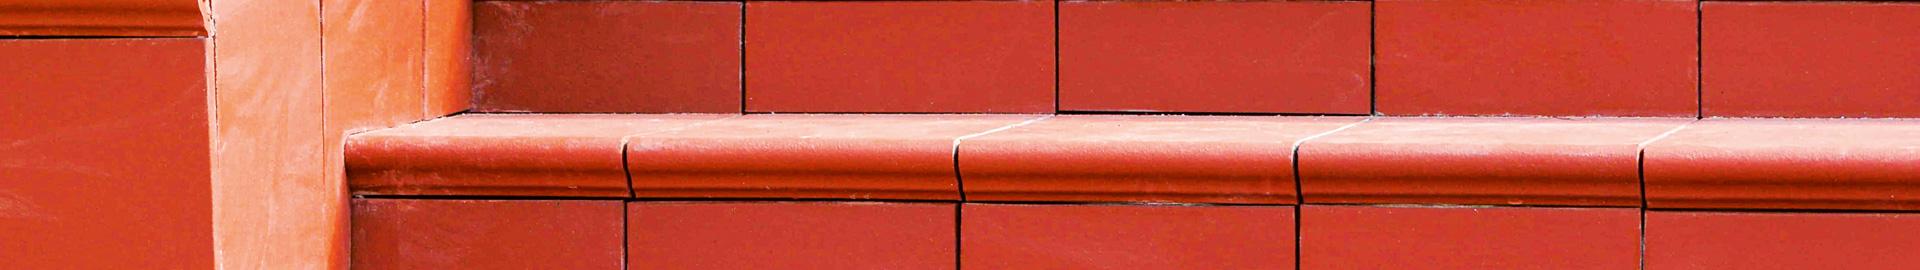 Засіб для видалення цементу і будівельних розчинів.